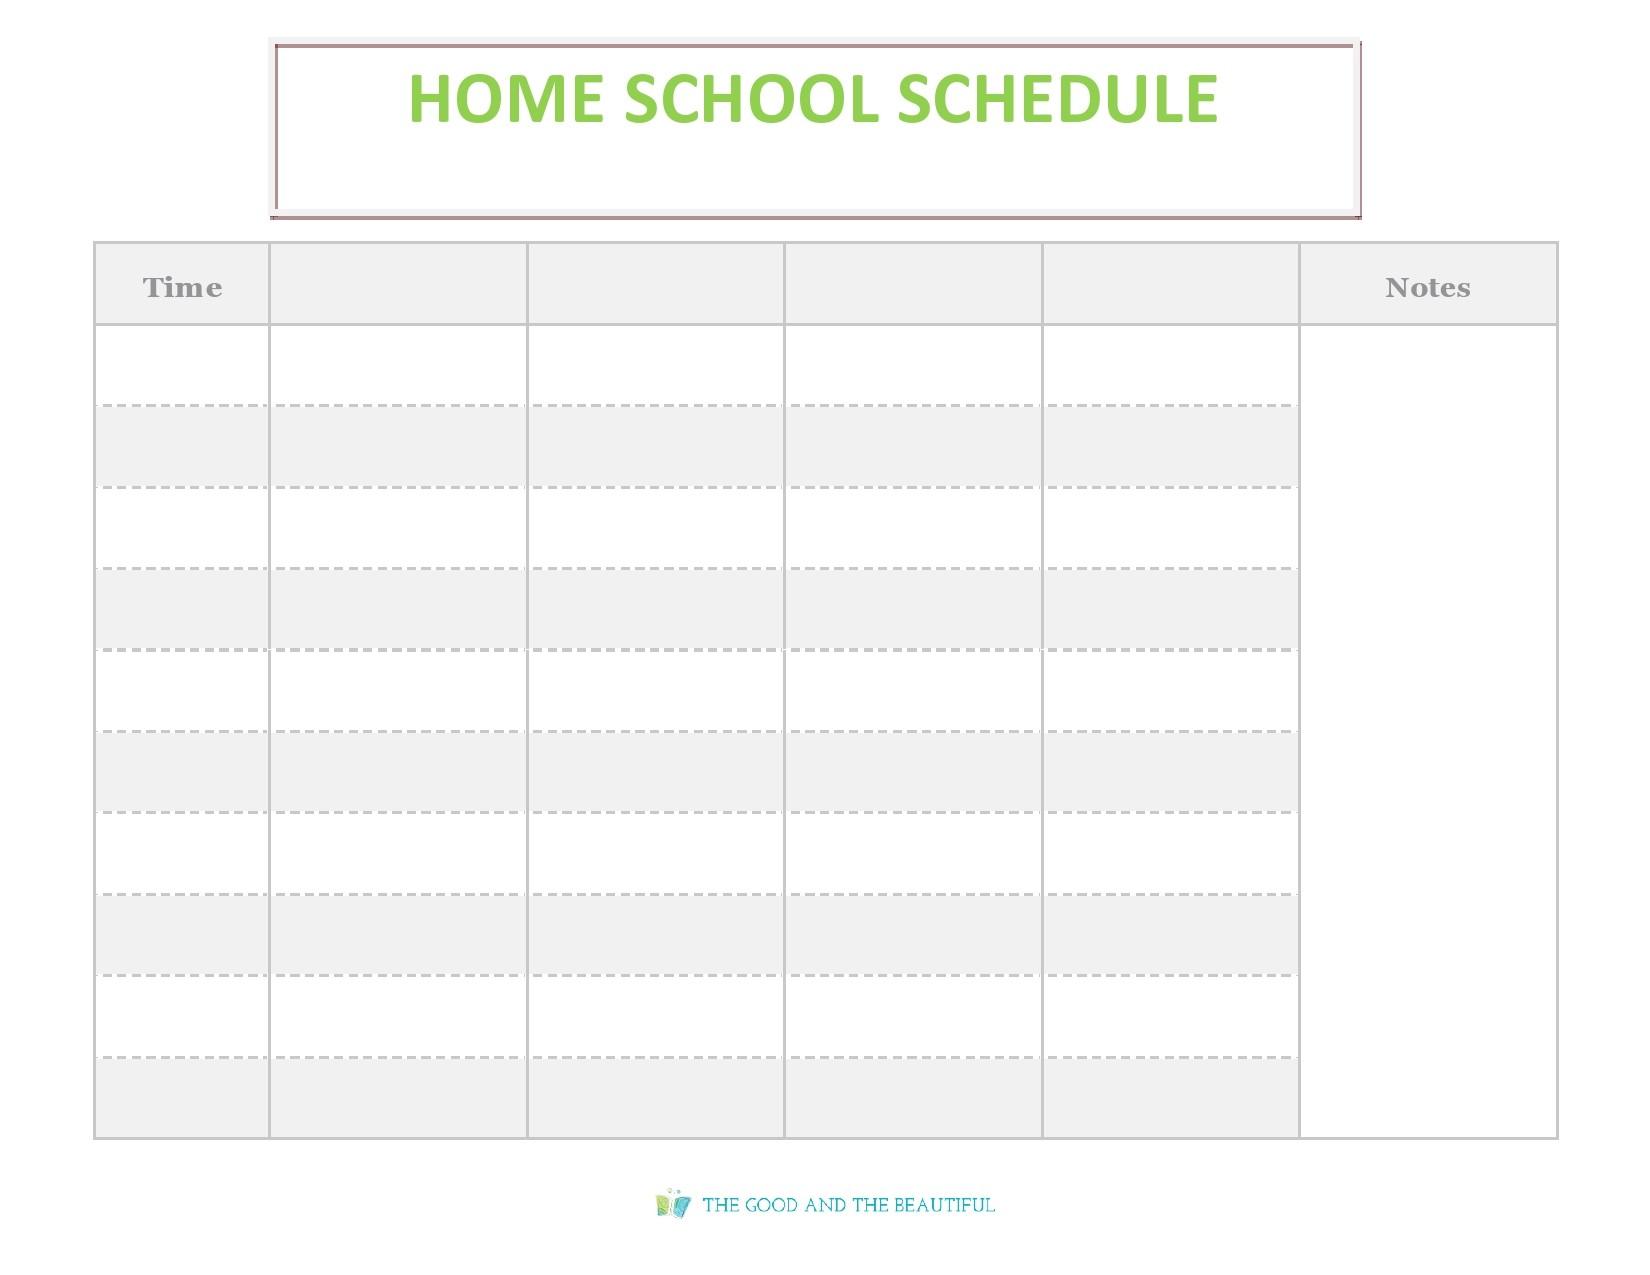 Free homeschool schedule template 03